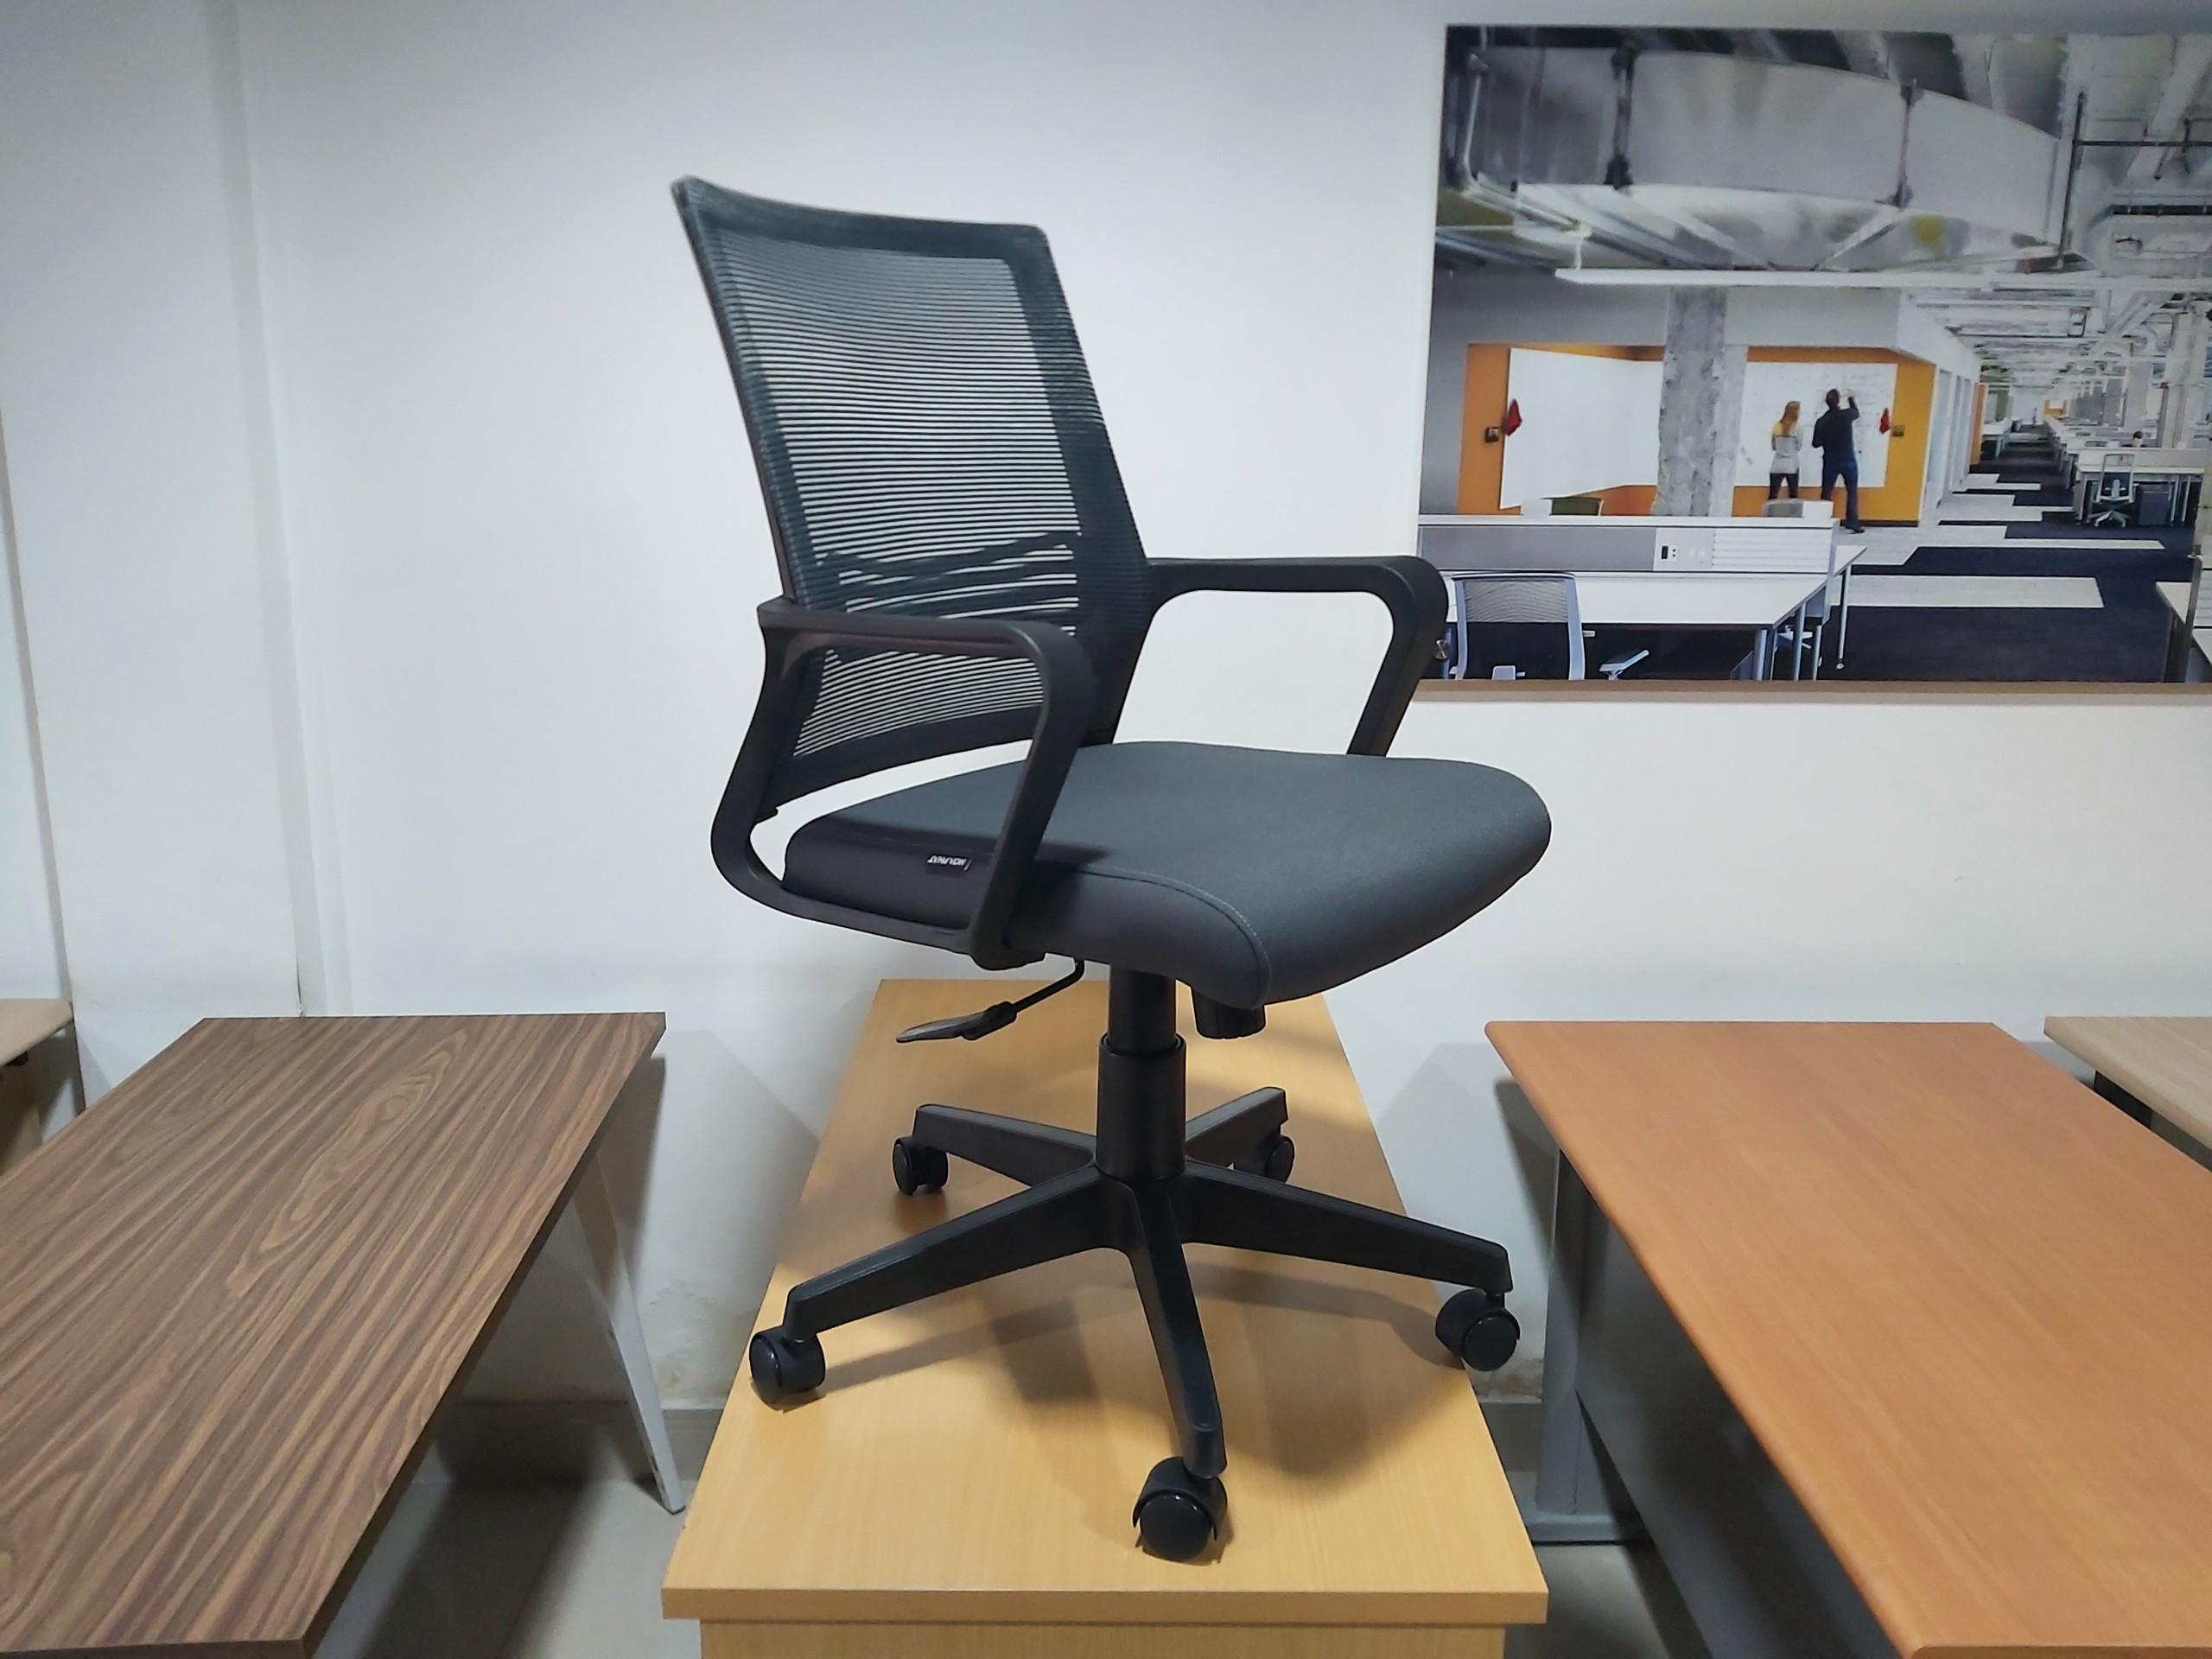 Ảnh chụp sản phẩm ghế văn phòng GL119